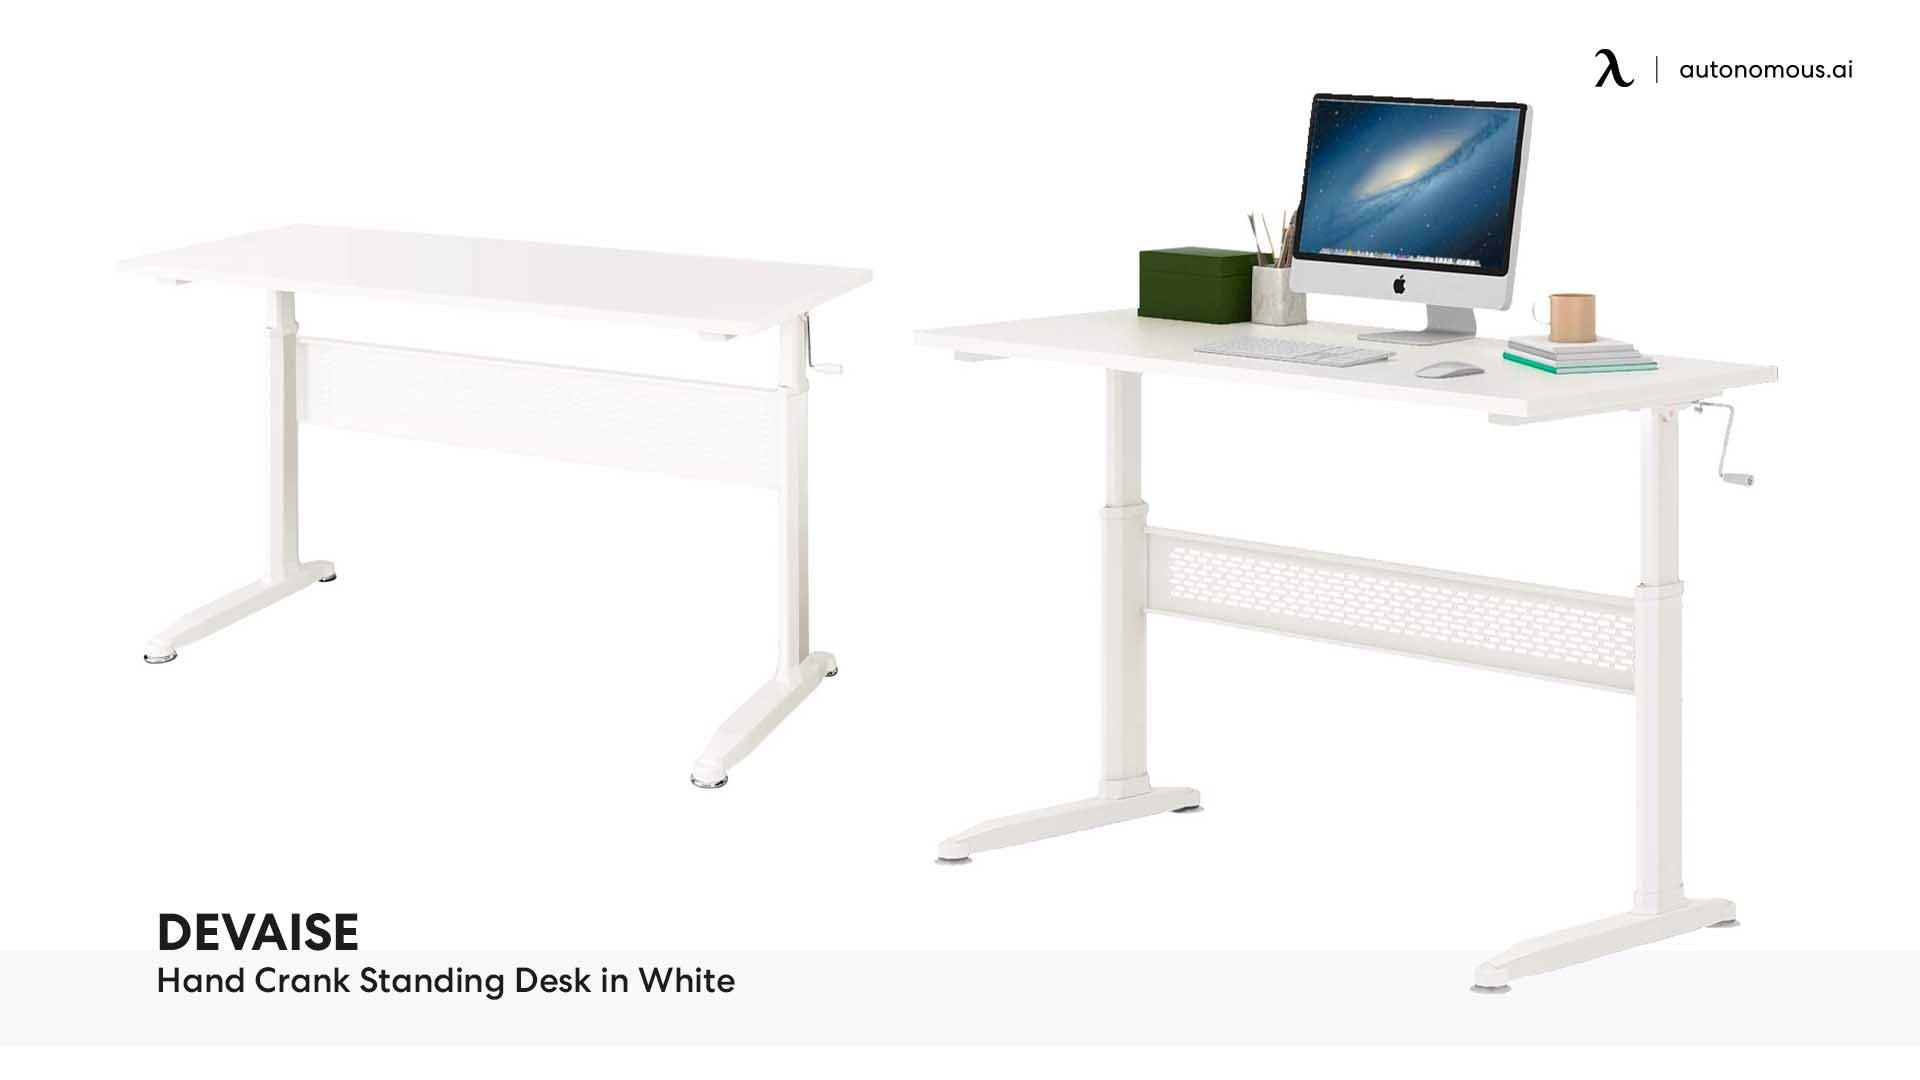 DEVAISE Hand Crank Standing Desk in White